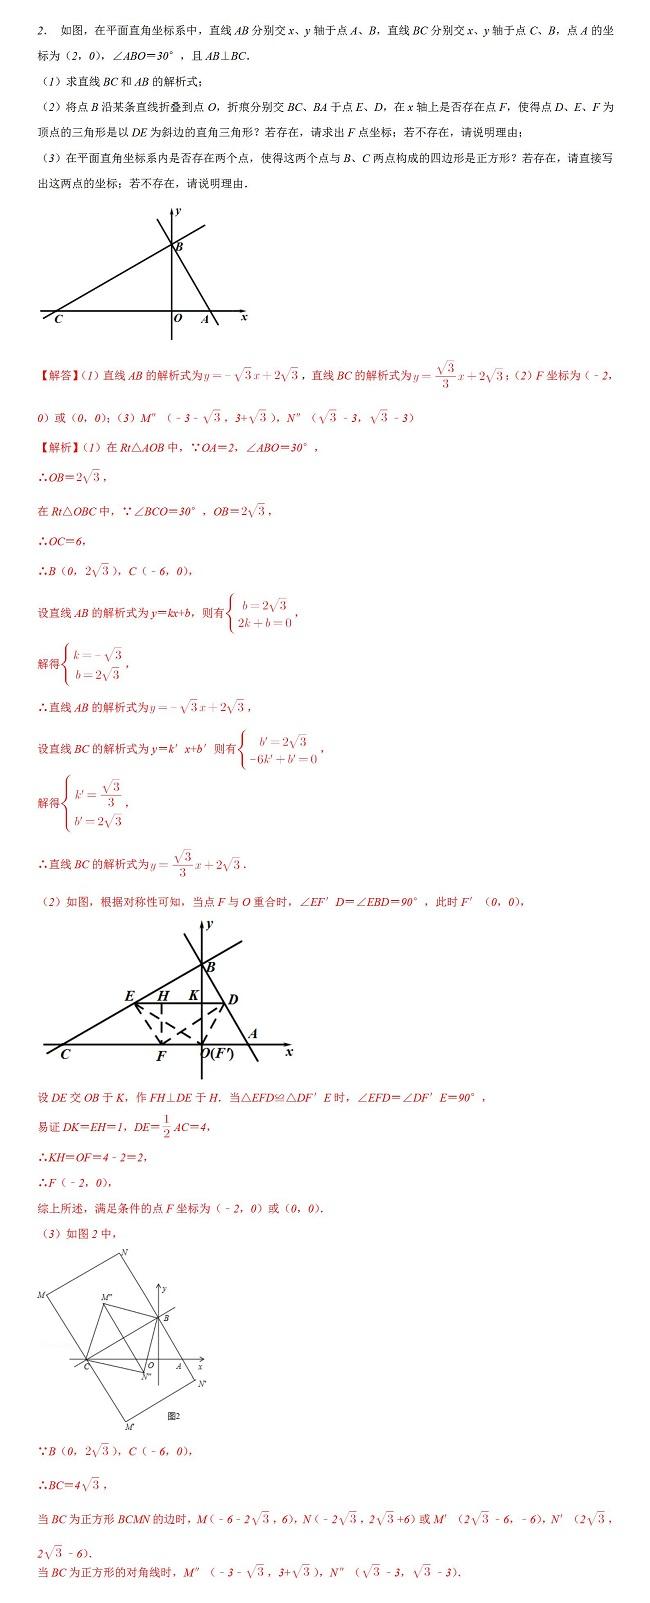 2020年初三数学正方形存在性问题巩固练习(提优)试题及答案(二)